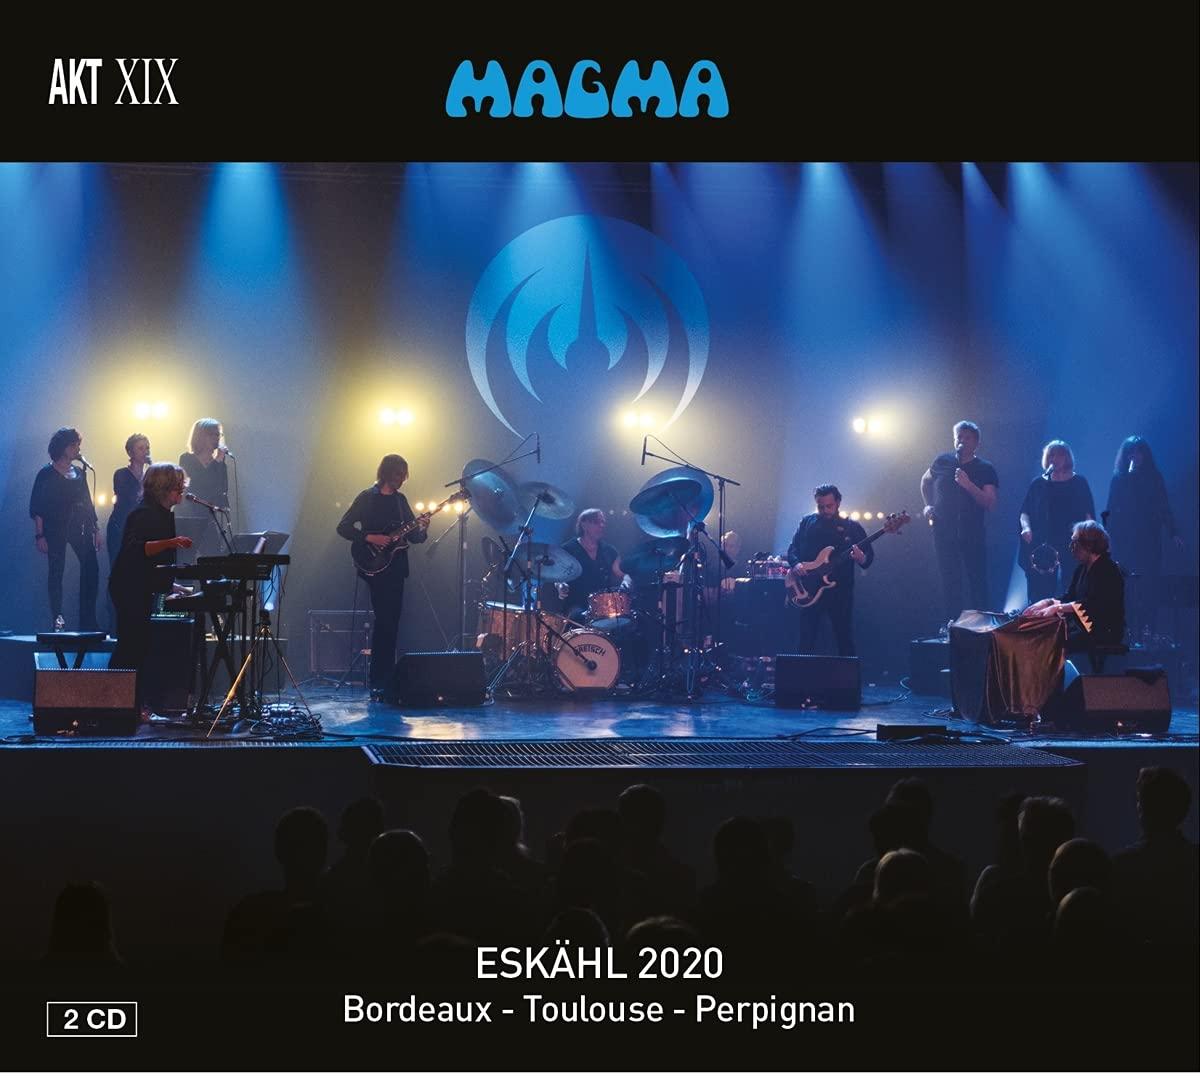 MAGMA - Eskahl 2020 : Live in Bordeaux/Toulouse/Perpignan cover